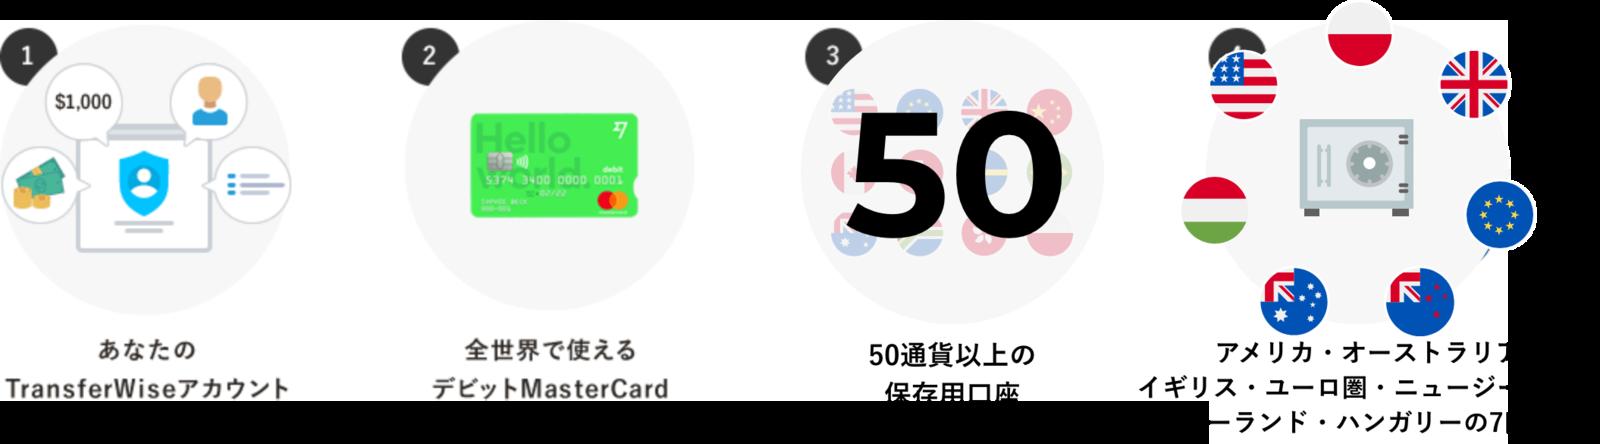 TransferWiseのマルチカレンシー口座を作ると、あなたのカウント・デビットMasterCard・50通貨以上の通貨保存口座・受け取りもできる銀行のような7口座 が無料で手に入ります!